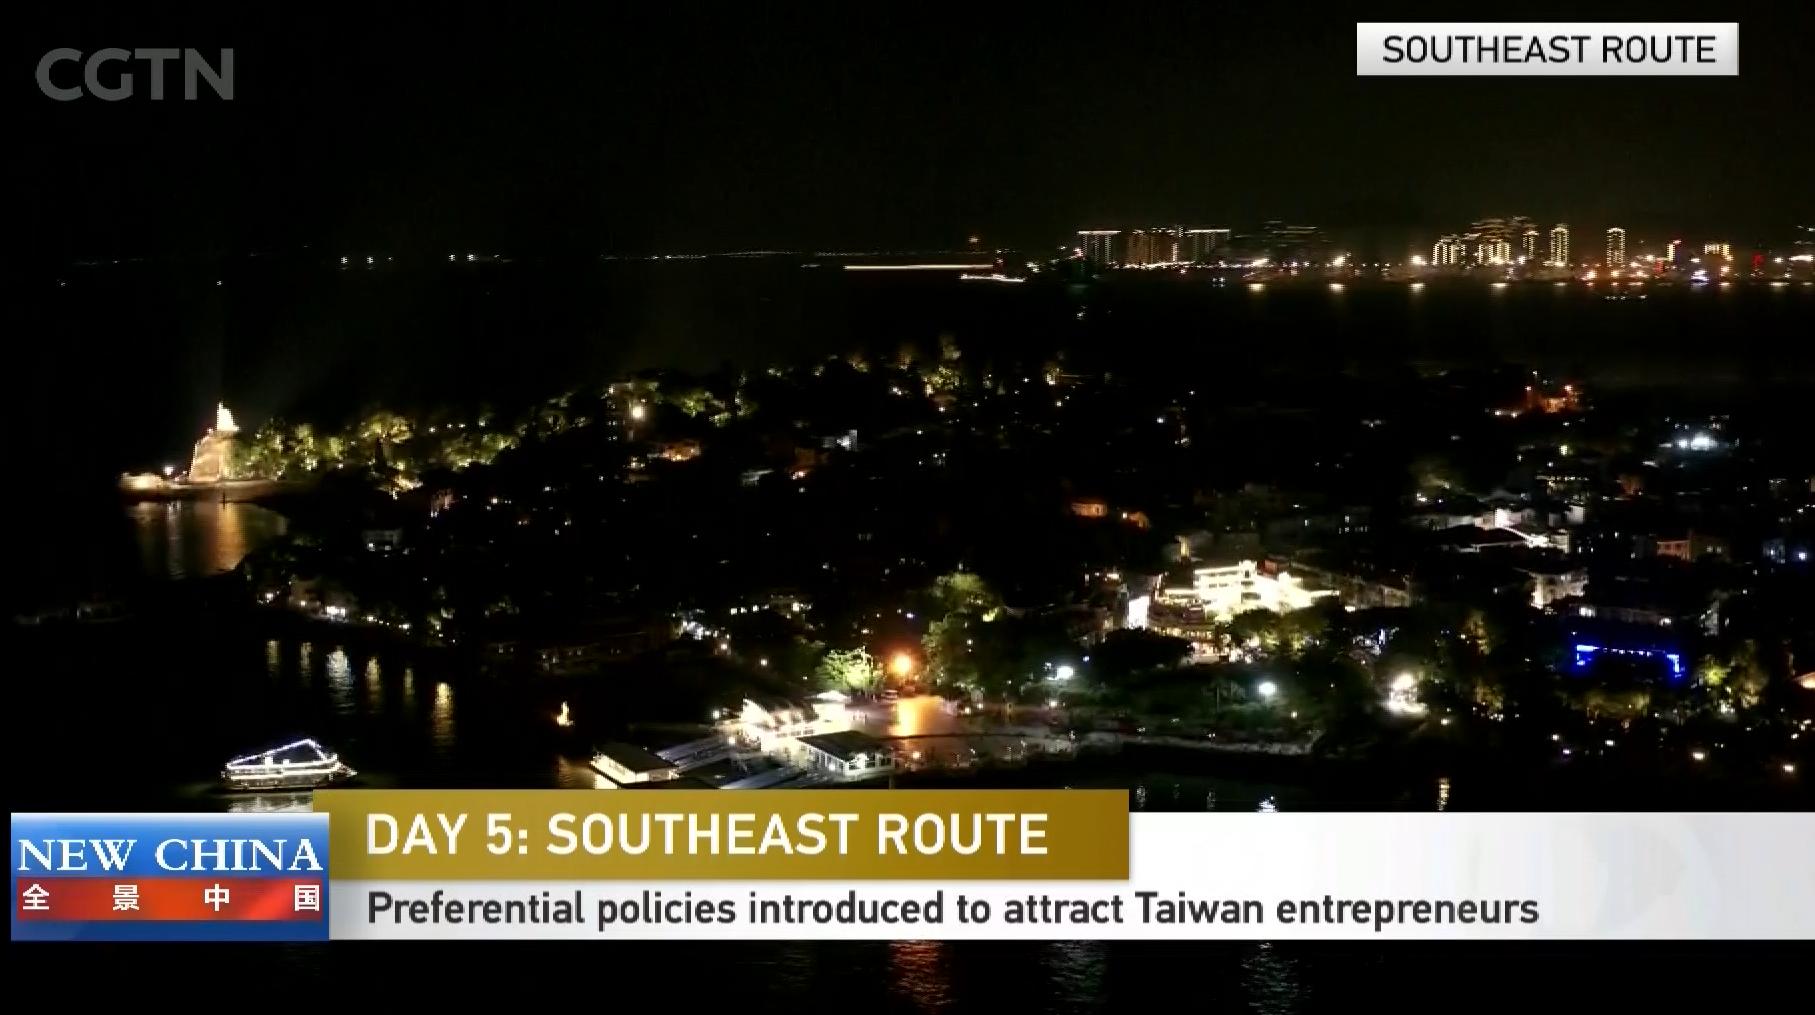 中国国际电视台CGTN《全景中国》栏目用英语向全球推介厦门 00:02:44